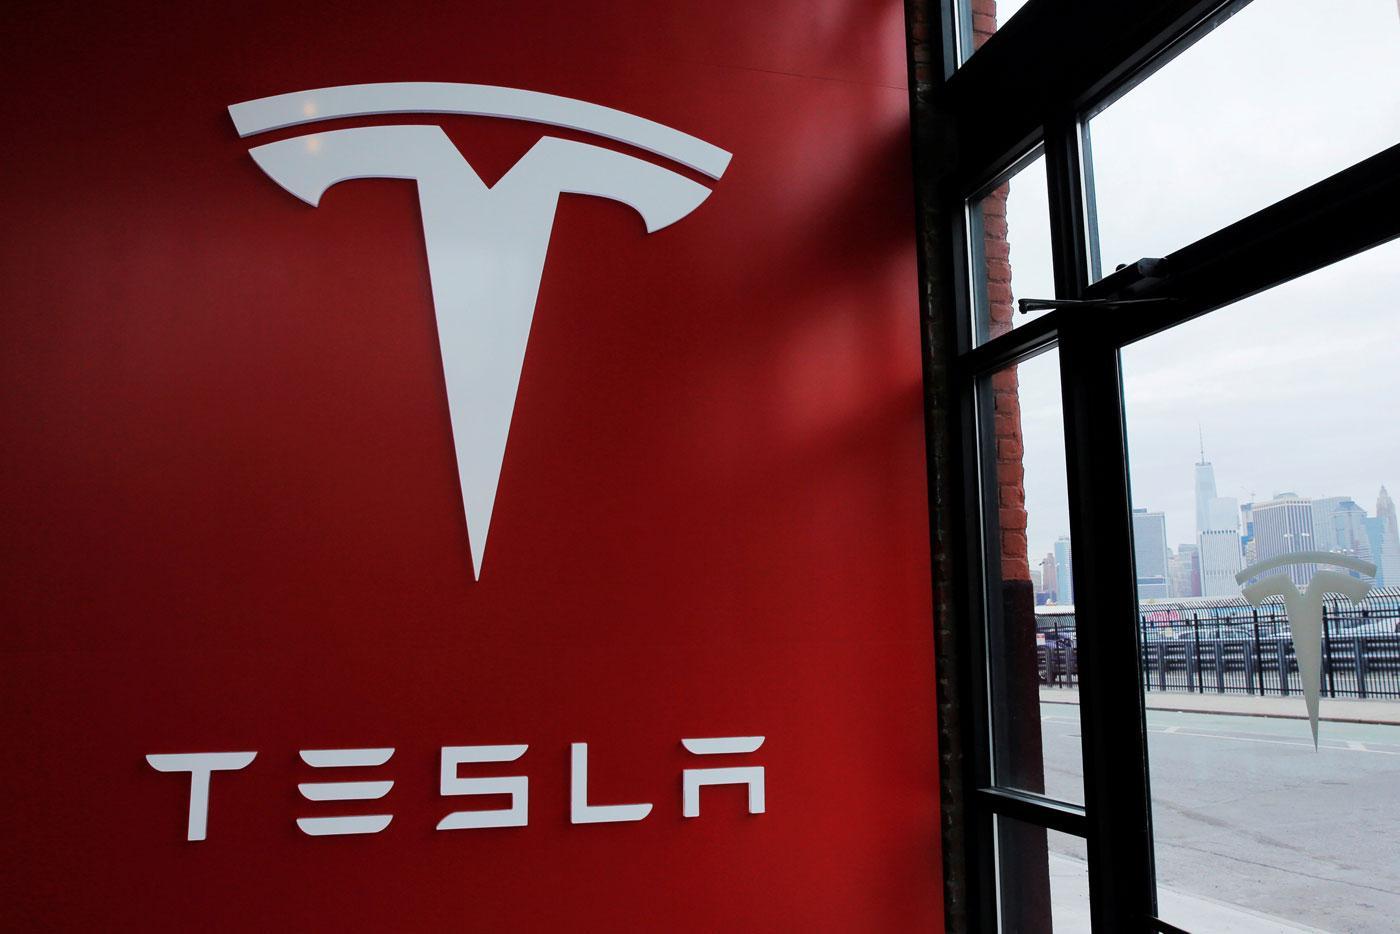 特斯拉证实工程副总裁离职 曾负责新车设计